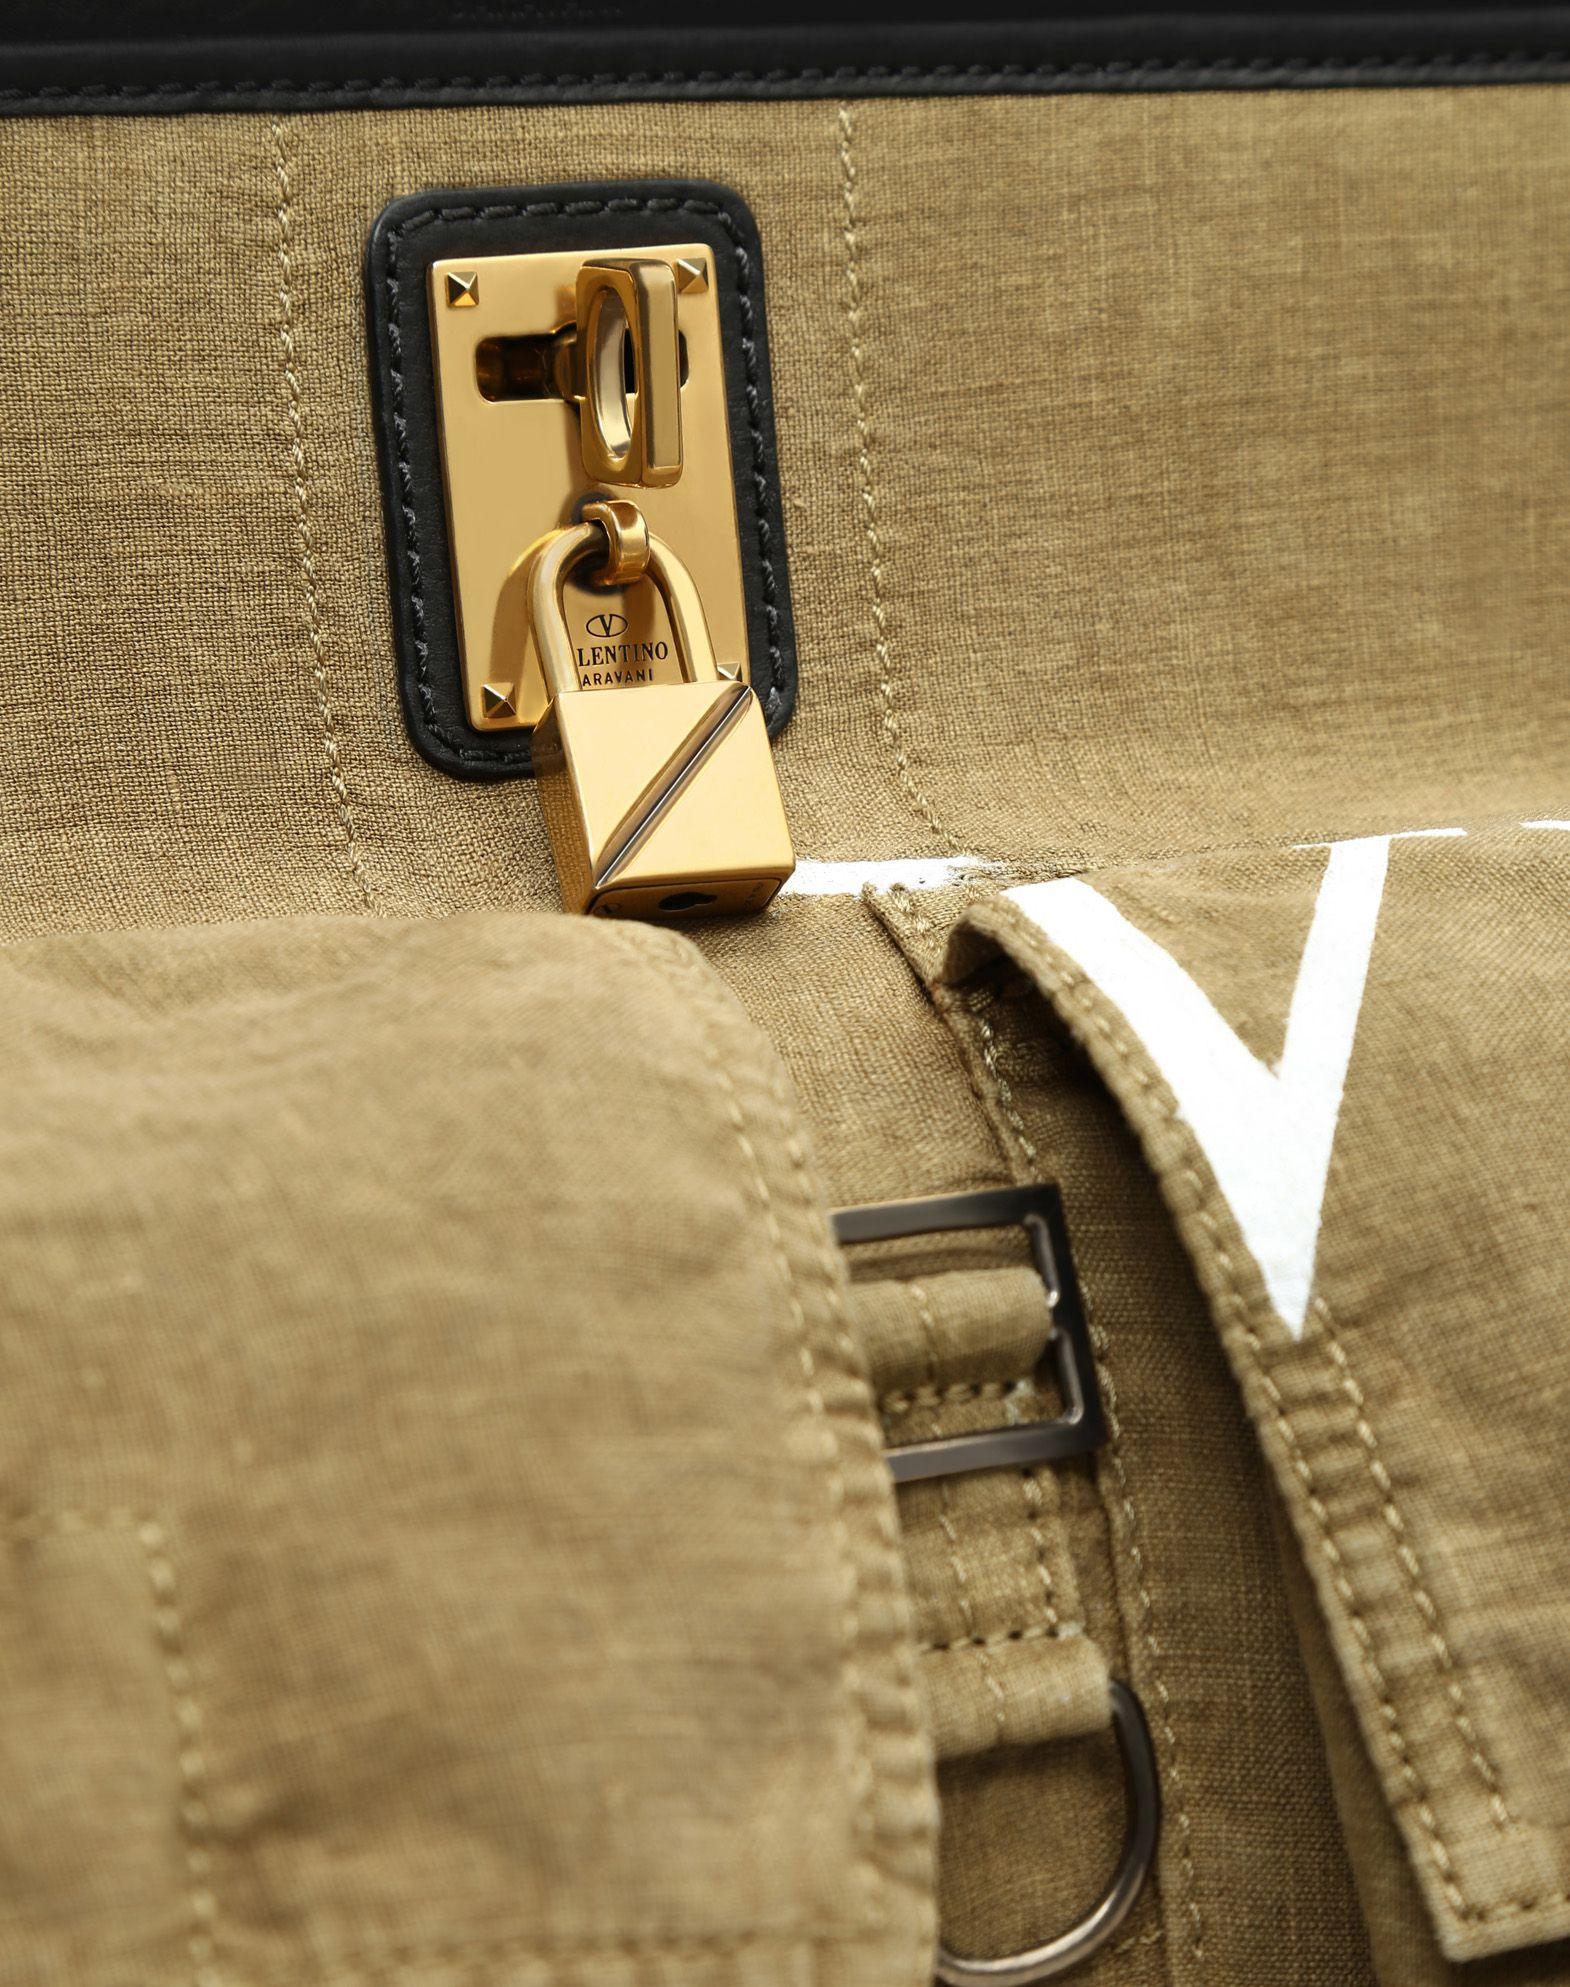 VALENTINO GARAVANI Joylock Maxi Handle Bag HANDBAG D b